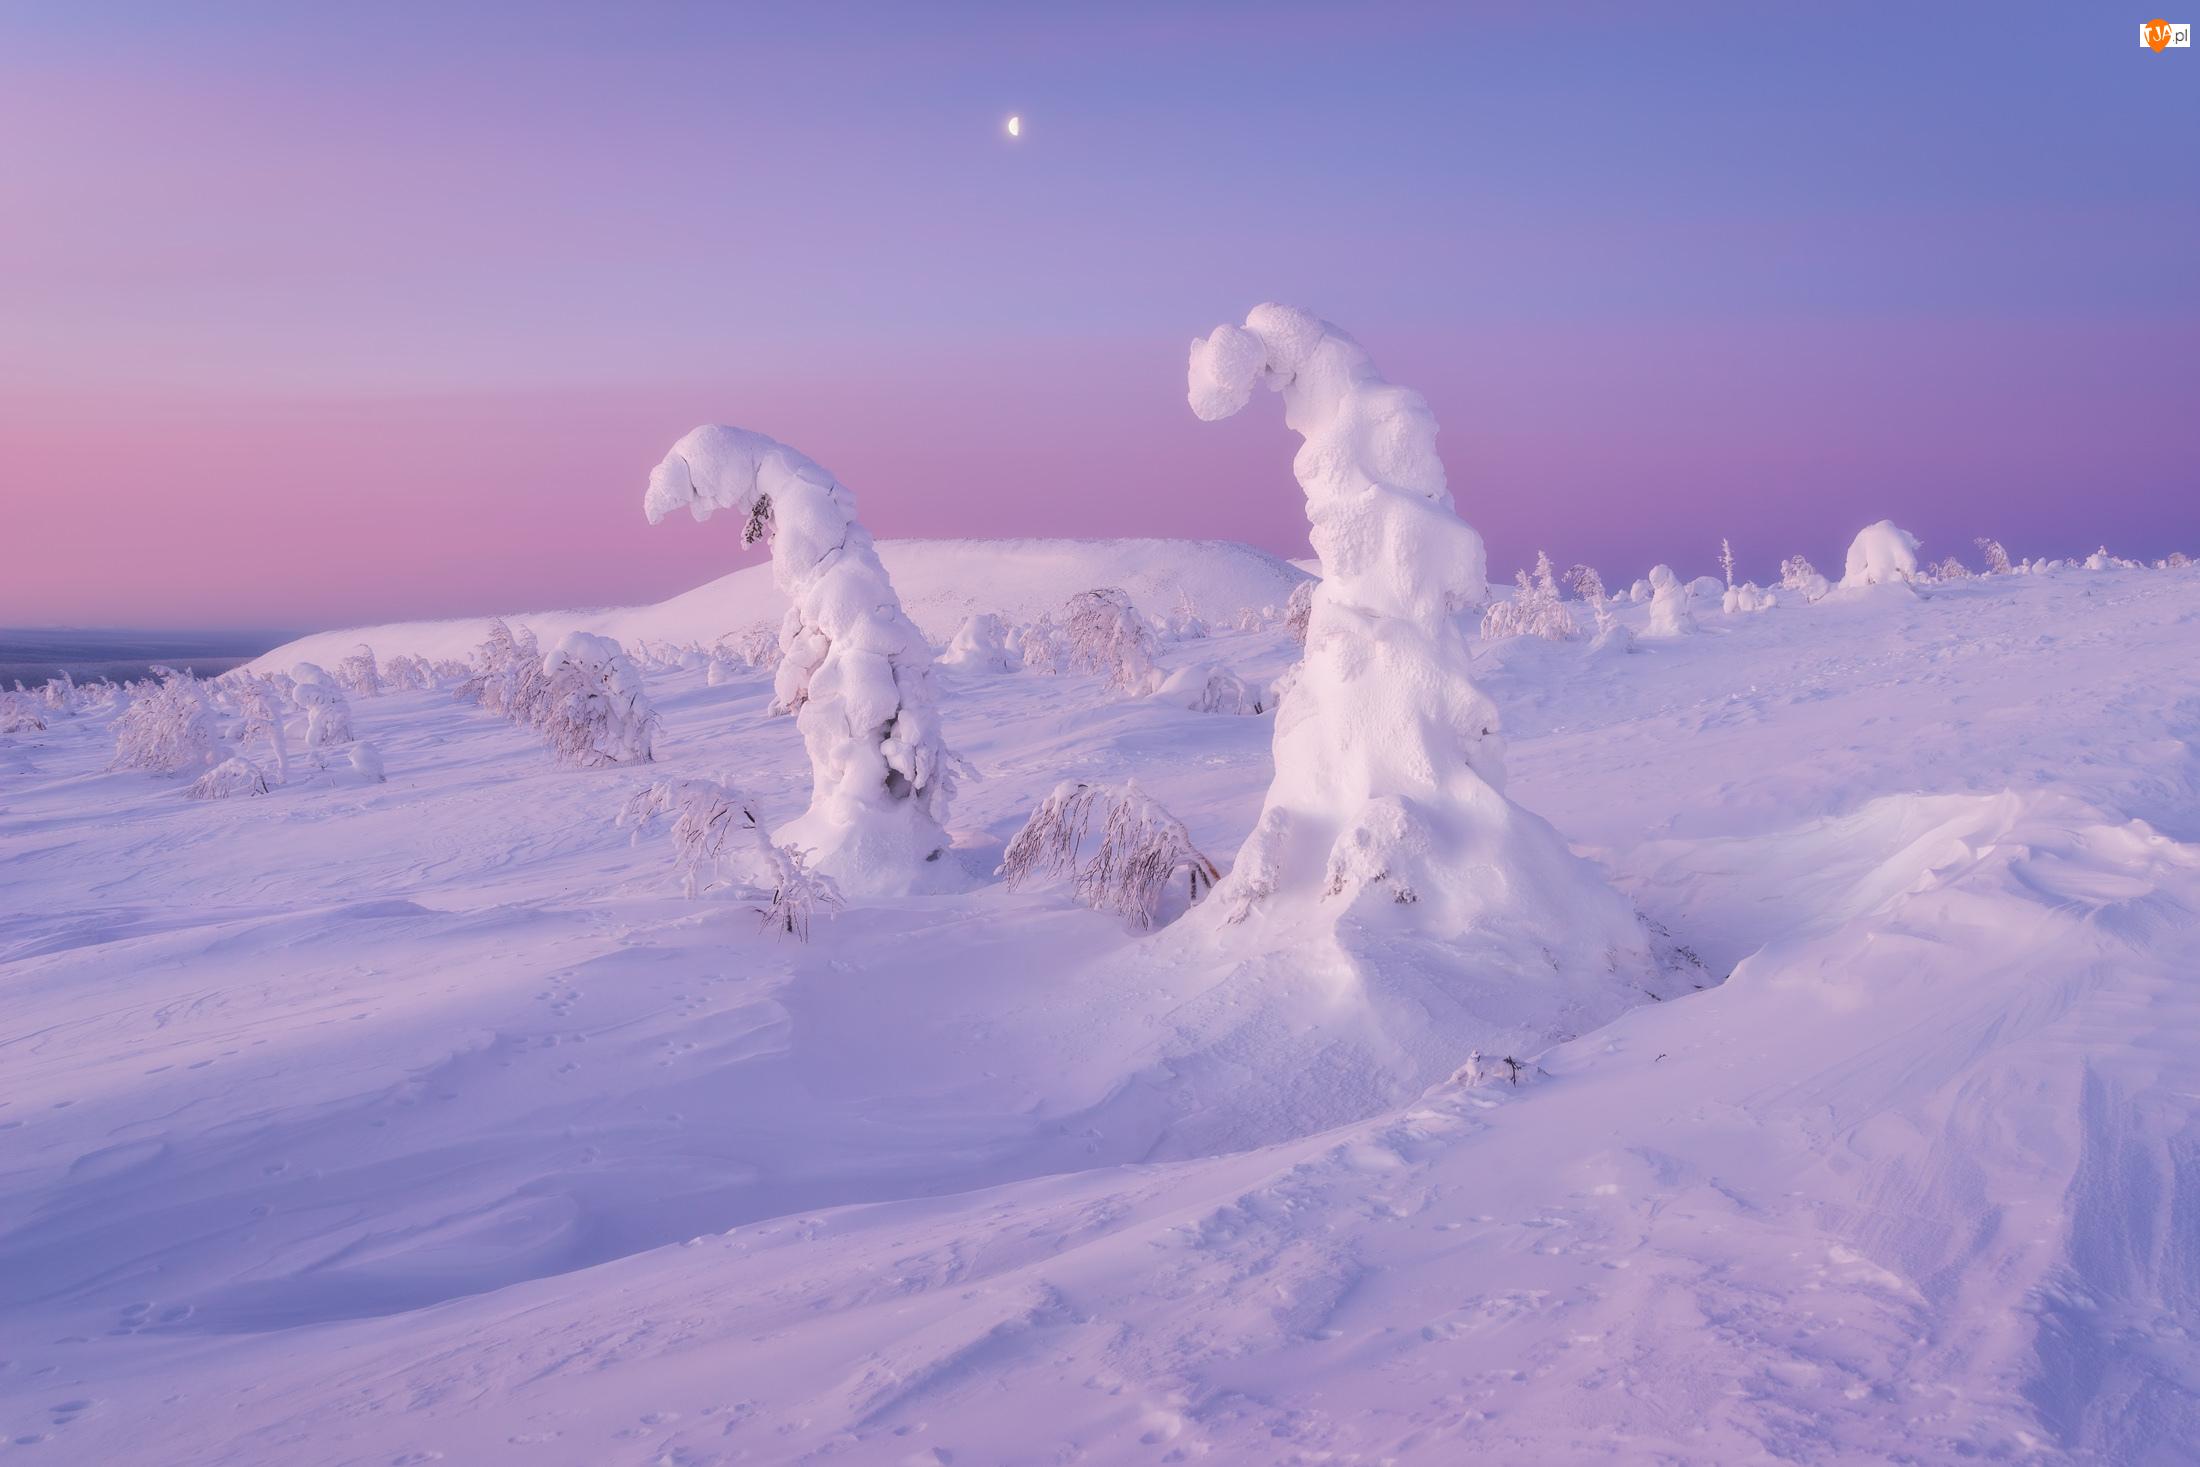 Drzewa, Góry, Zaśnieżone, Zima, Śnieg